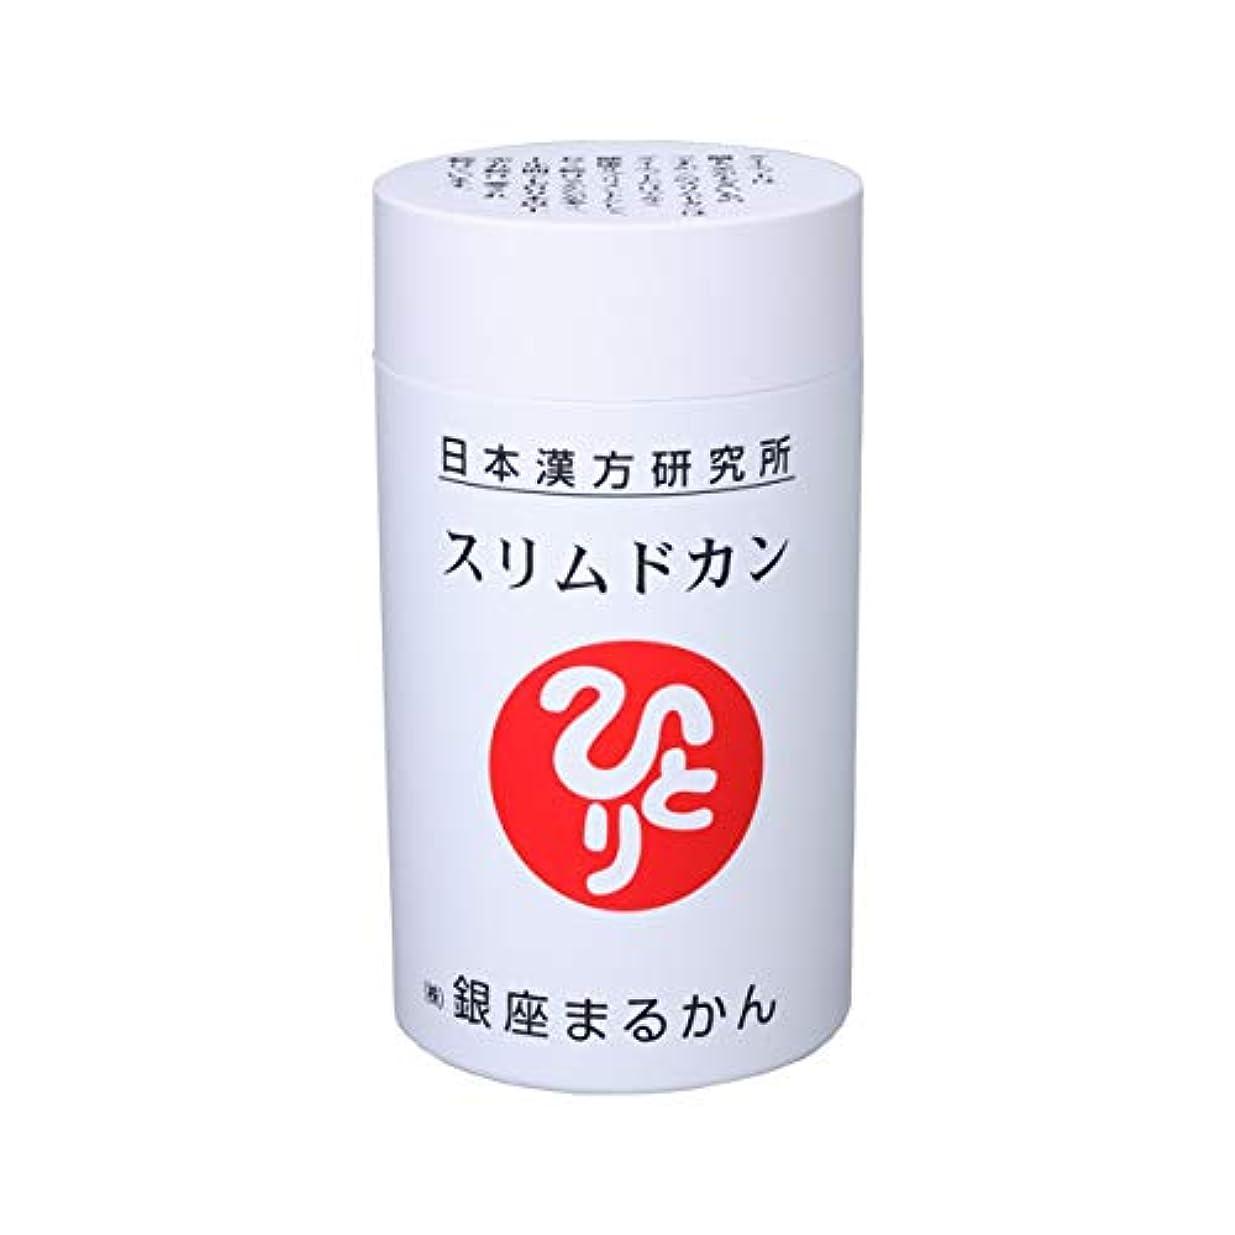 キャンディー夜ダンス銀座まるかん スリムドカン165g 【2個セット】